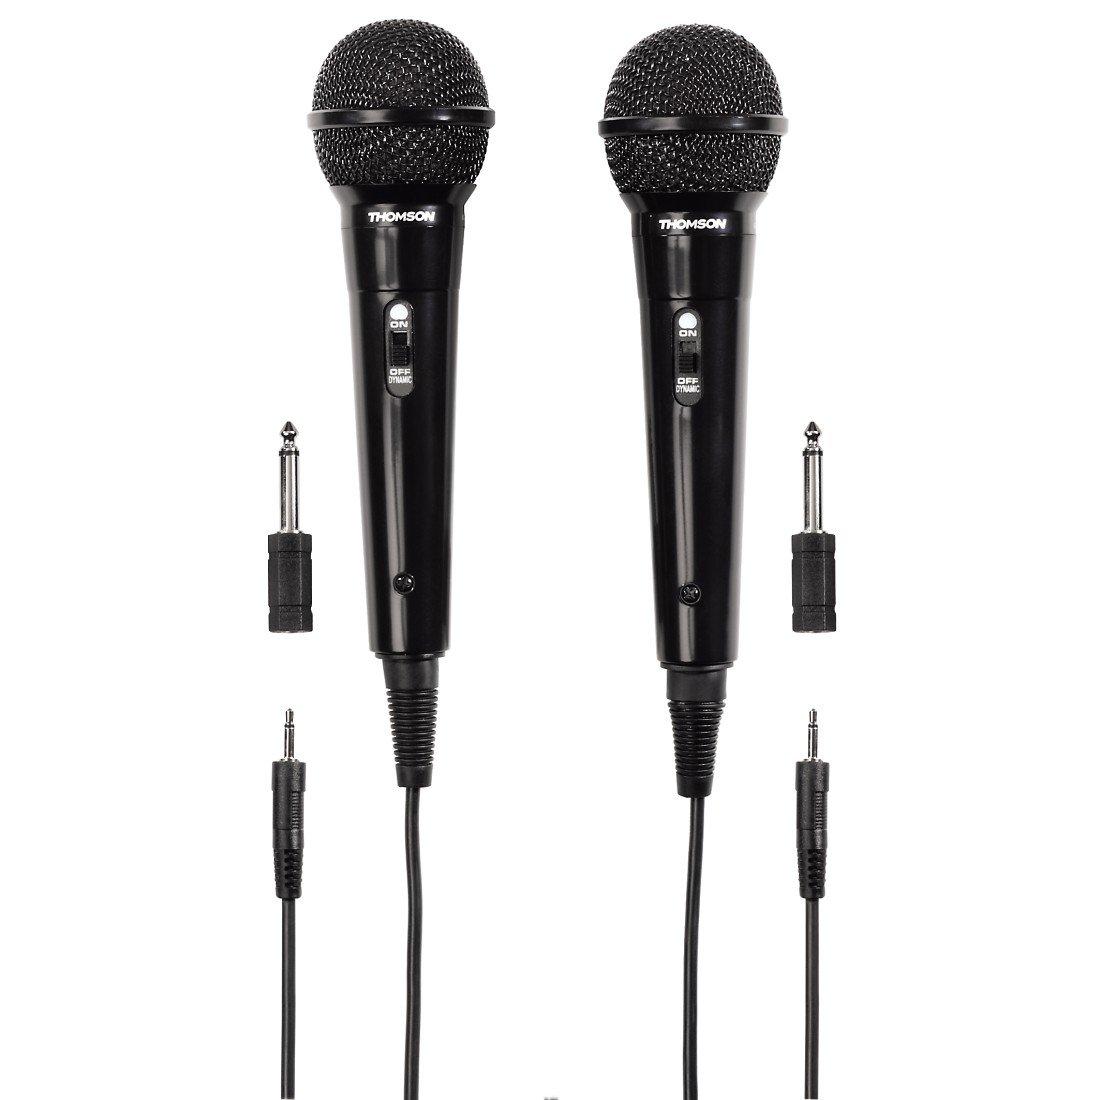 Thomson 00131772 2x Dynamisches Mikrofon M135D (Doppelpack, Nierencharakteristik, 3,5 mm Klinkenstecker, Kabellänäge 3 m) schwarz Hama audio video